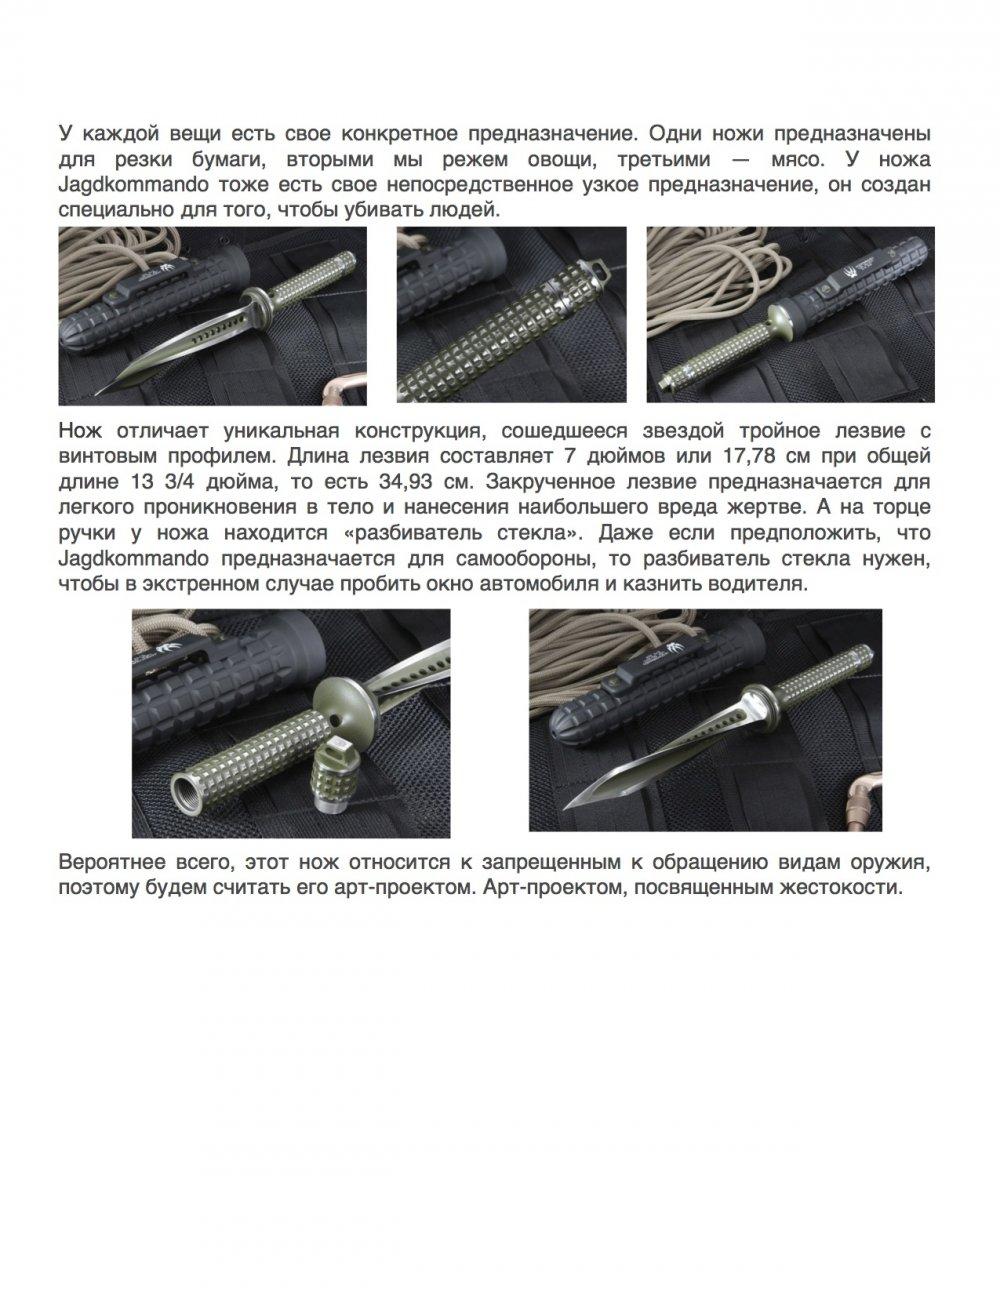 Нож Jagdkommando